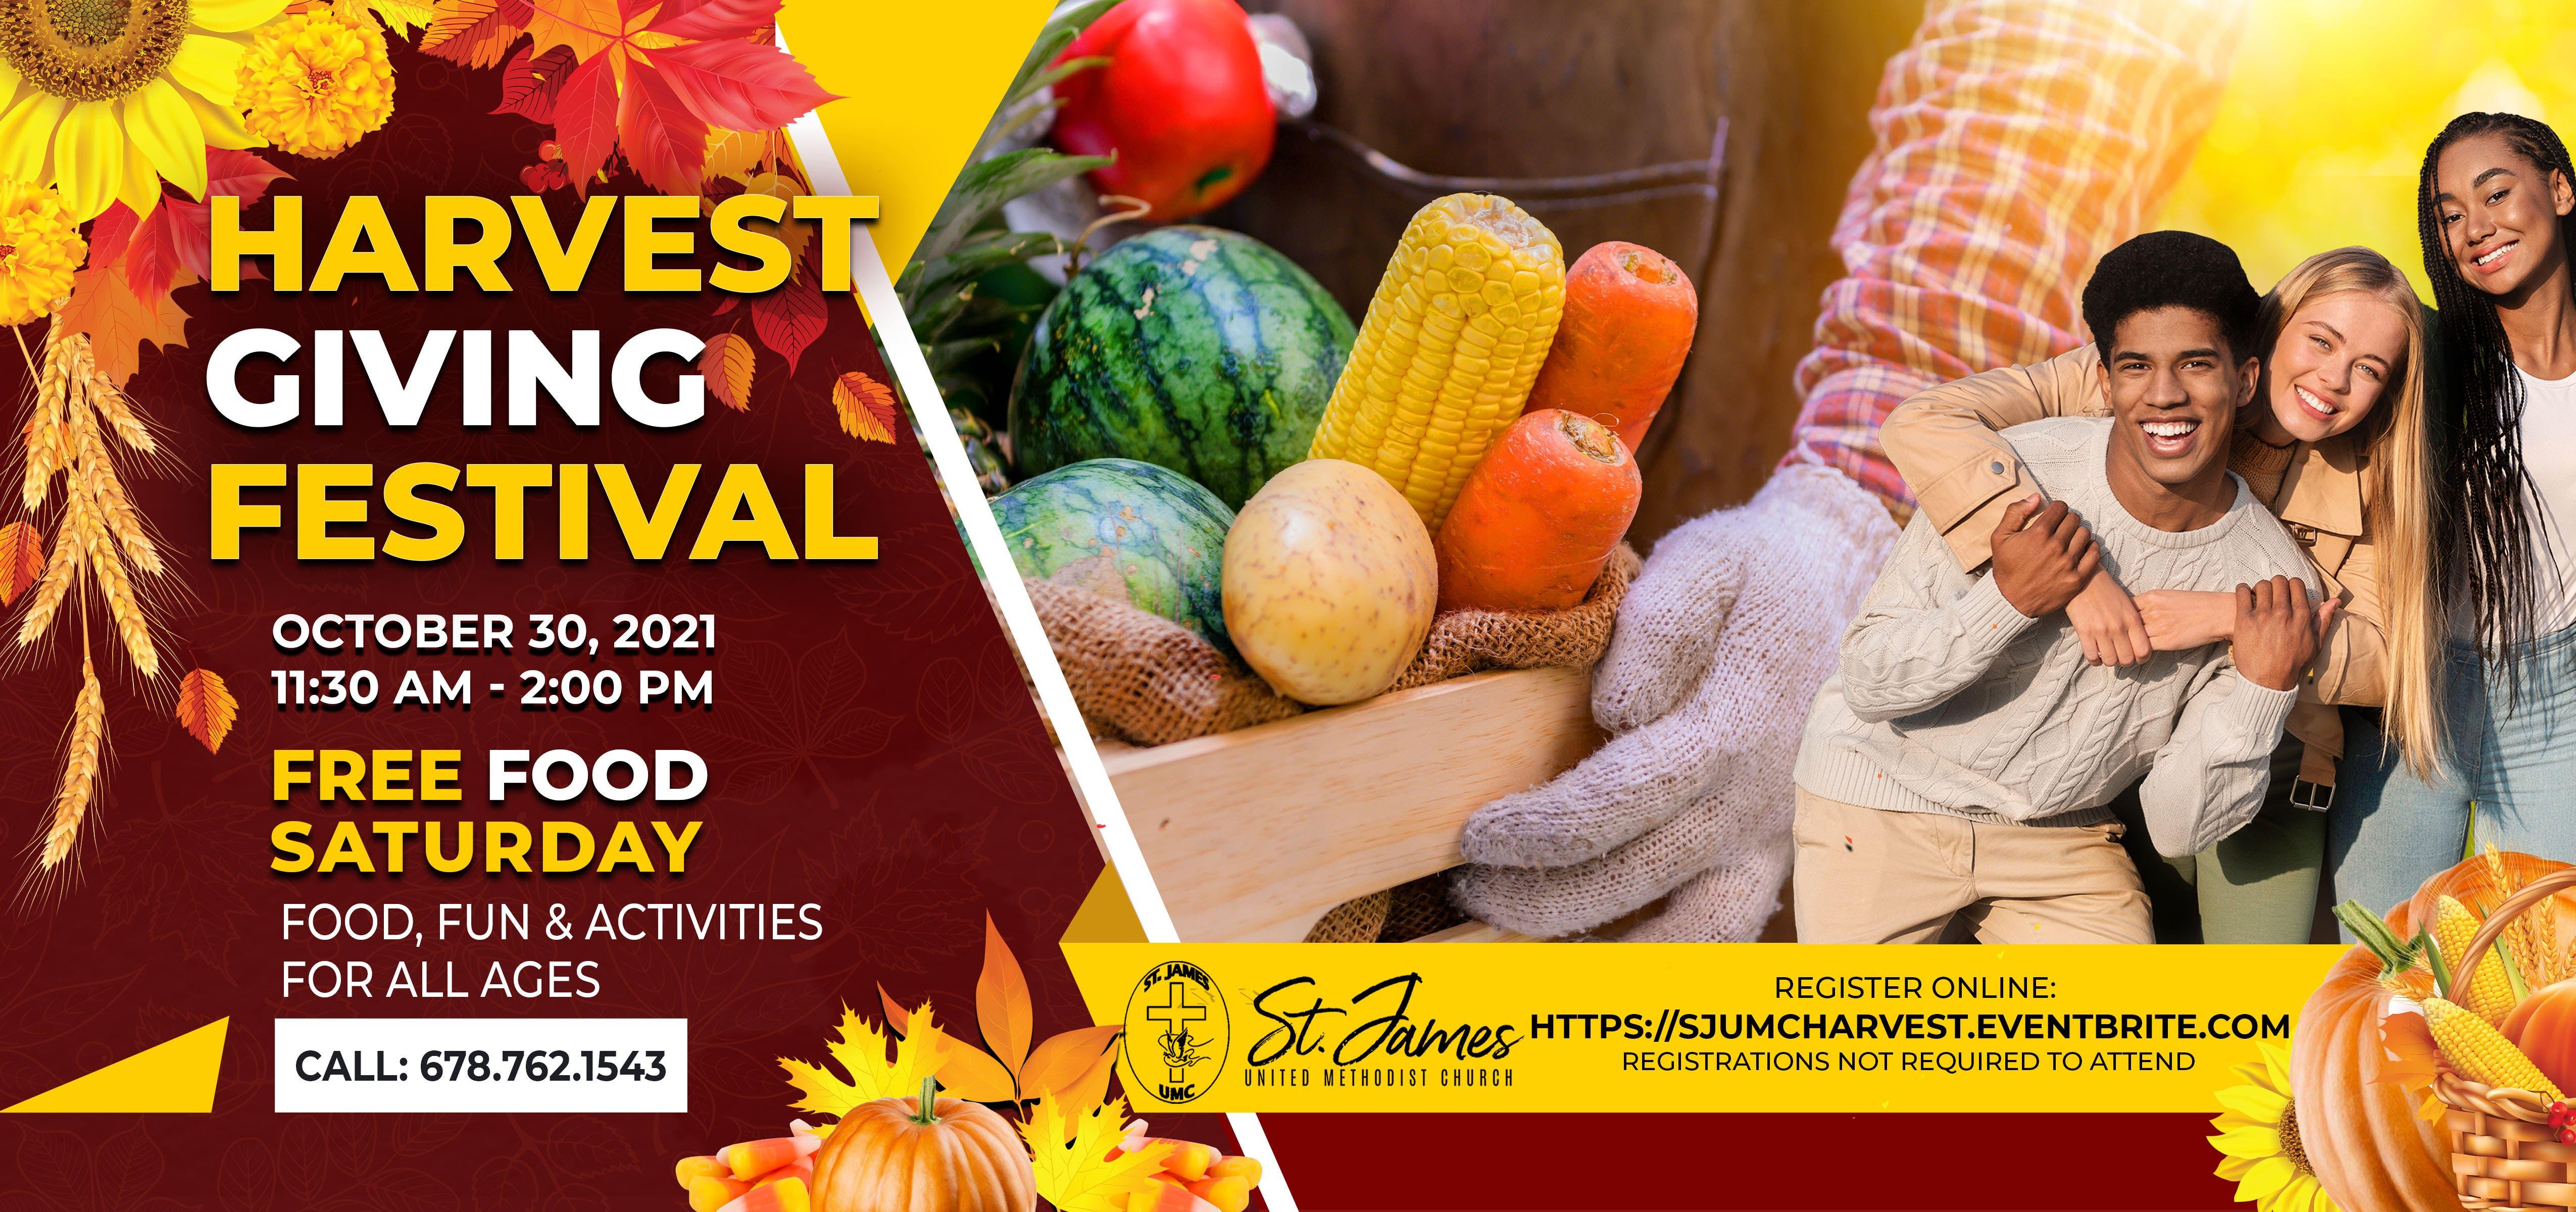 Harvest Giving Festival